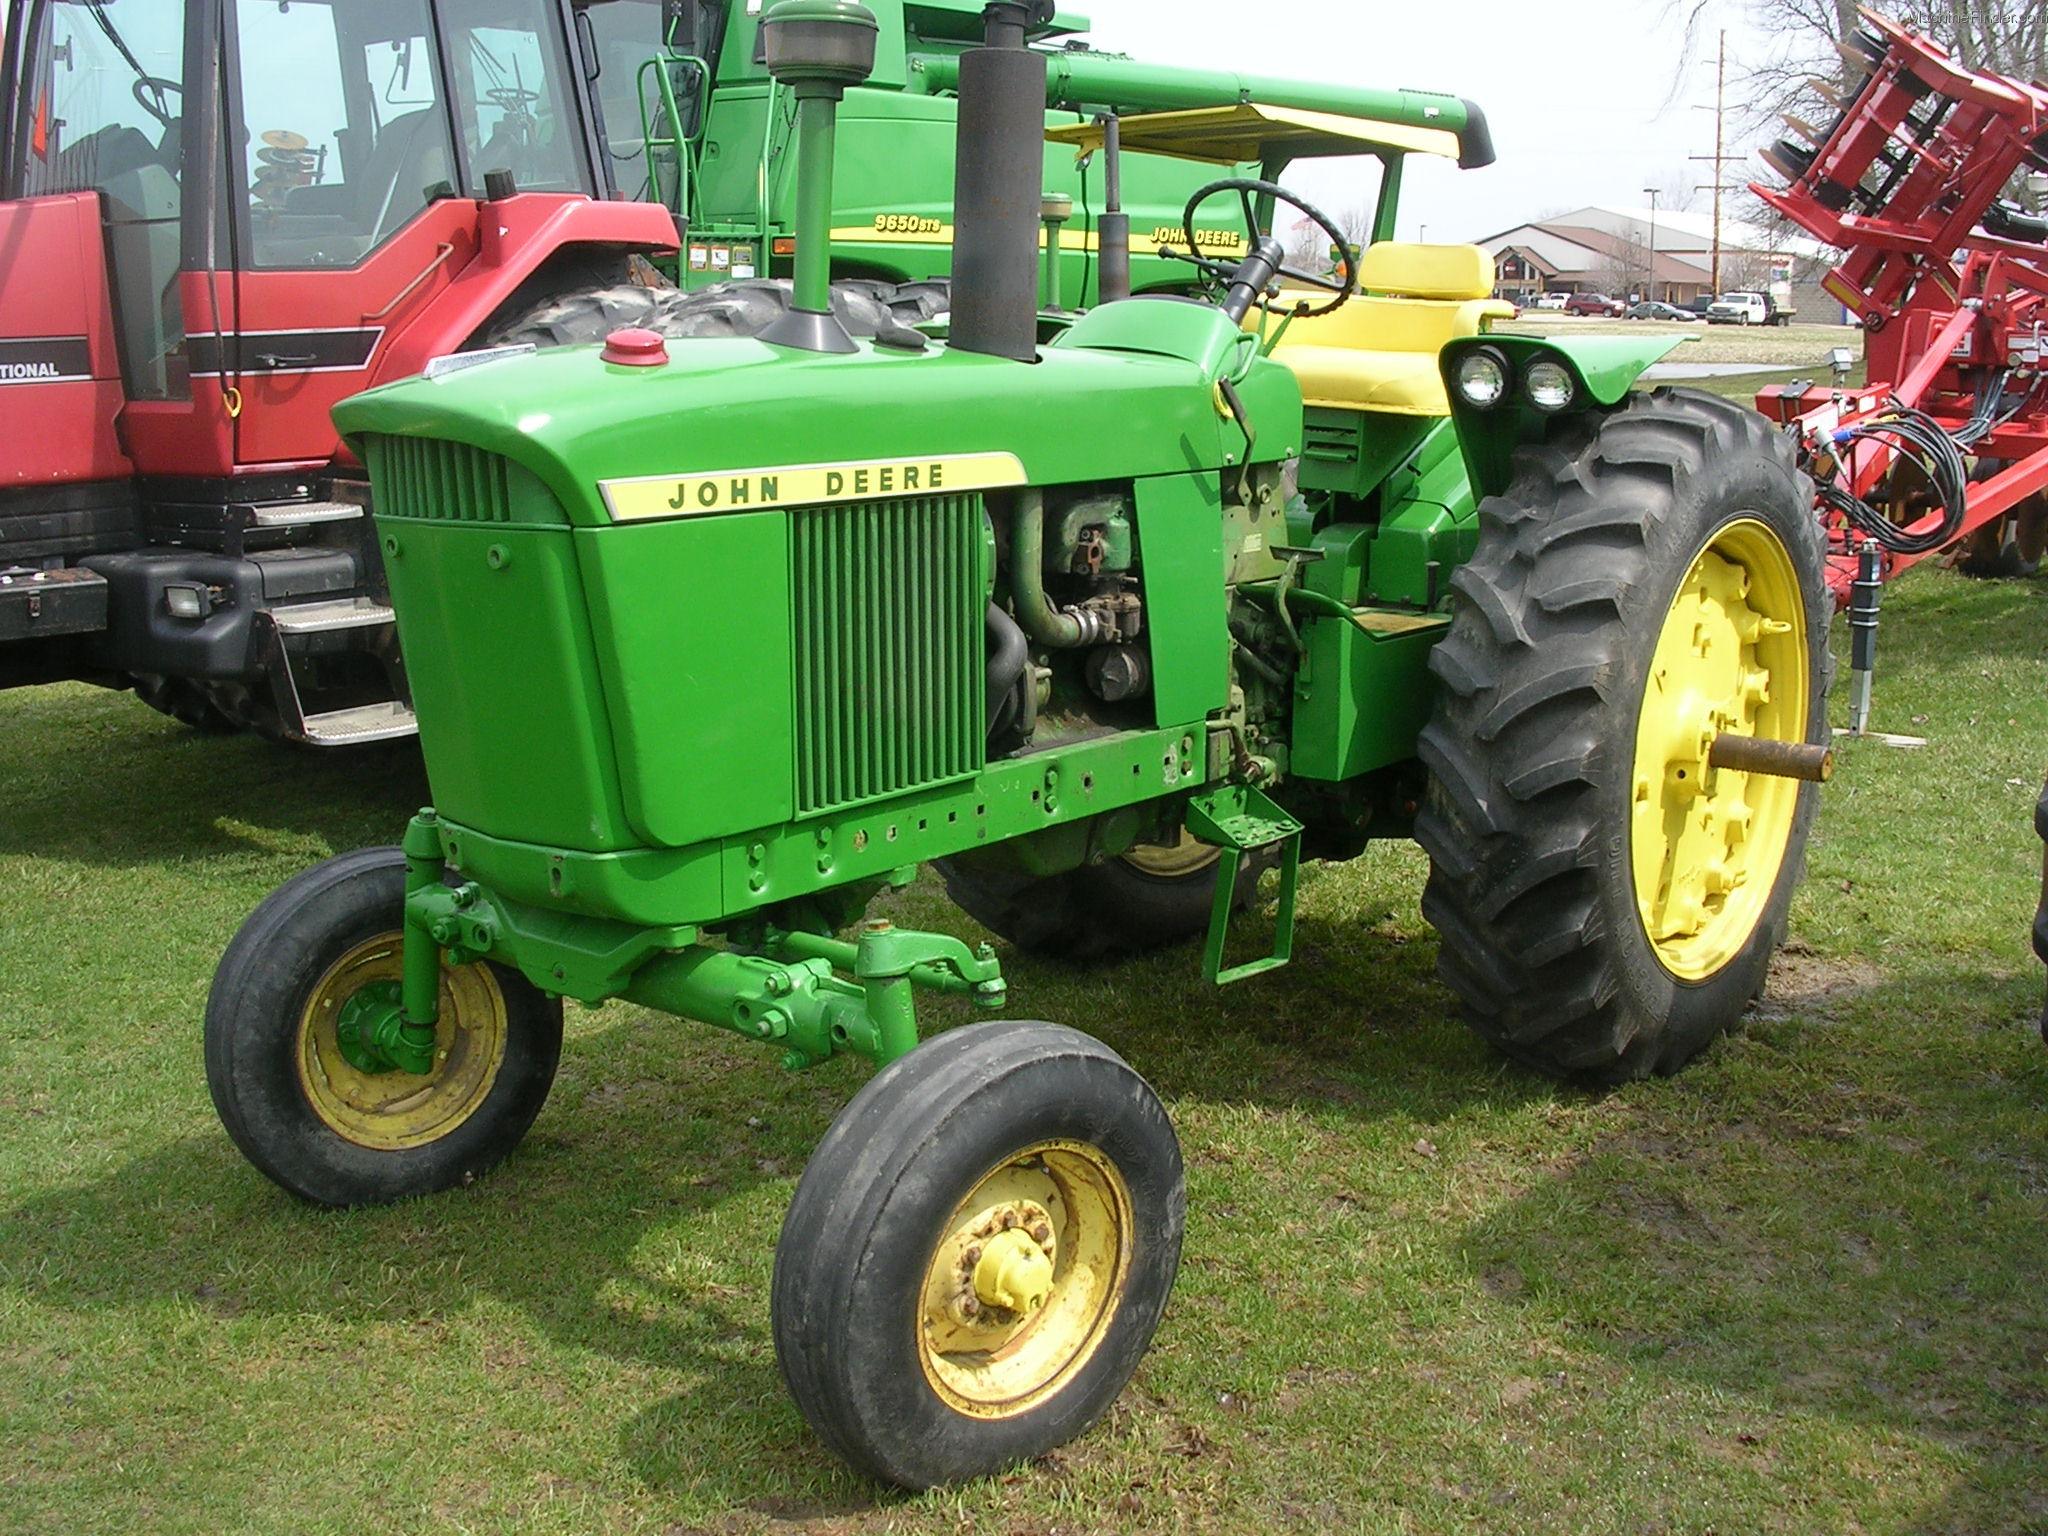 ... 1964 John Deere 3020 Tractors - Row Crop (+100hp) - John Deere